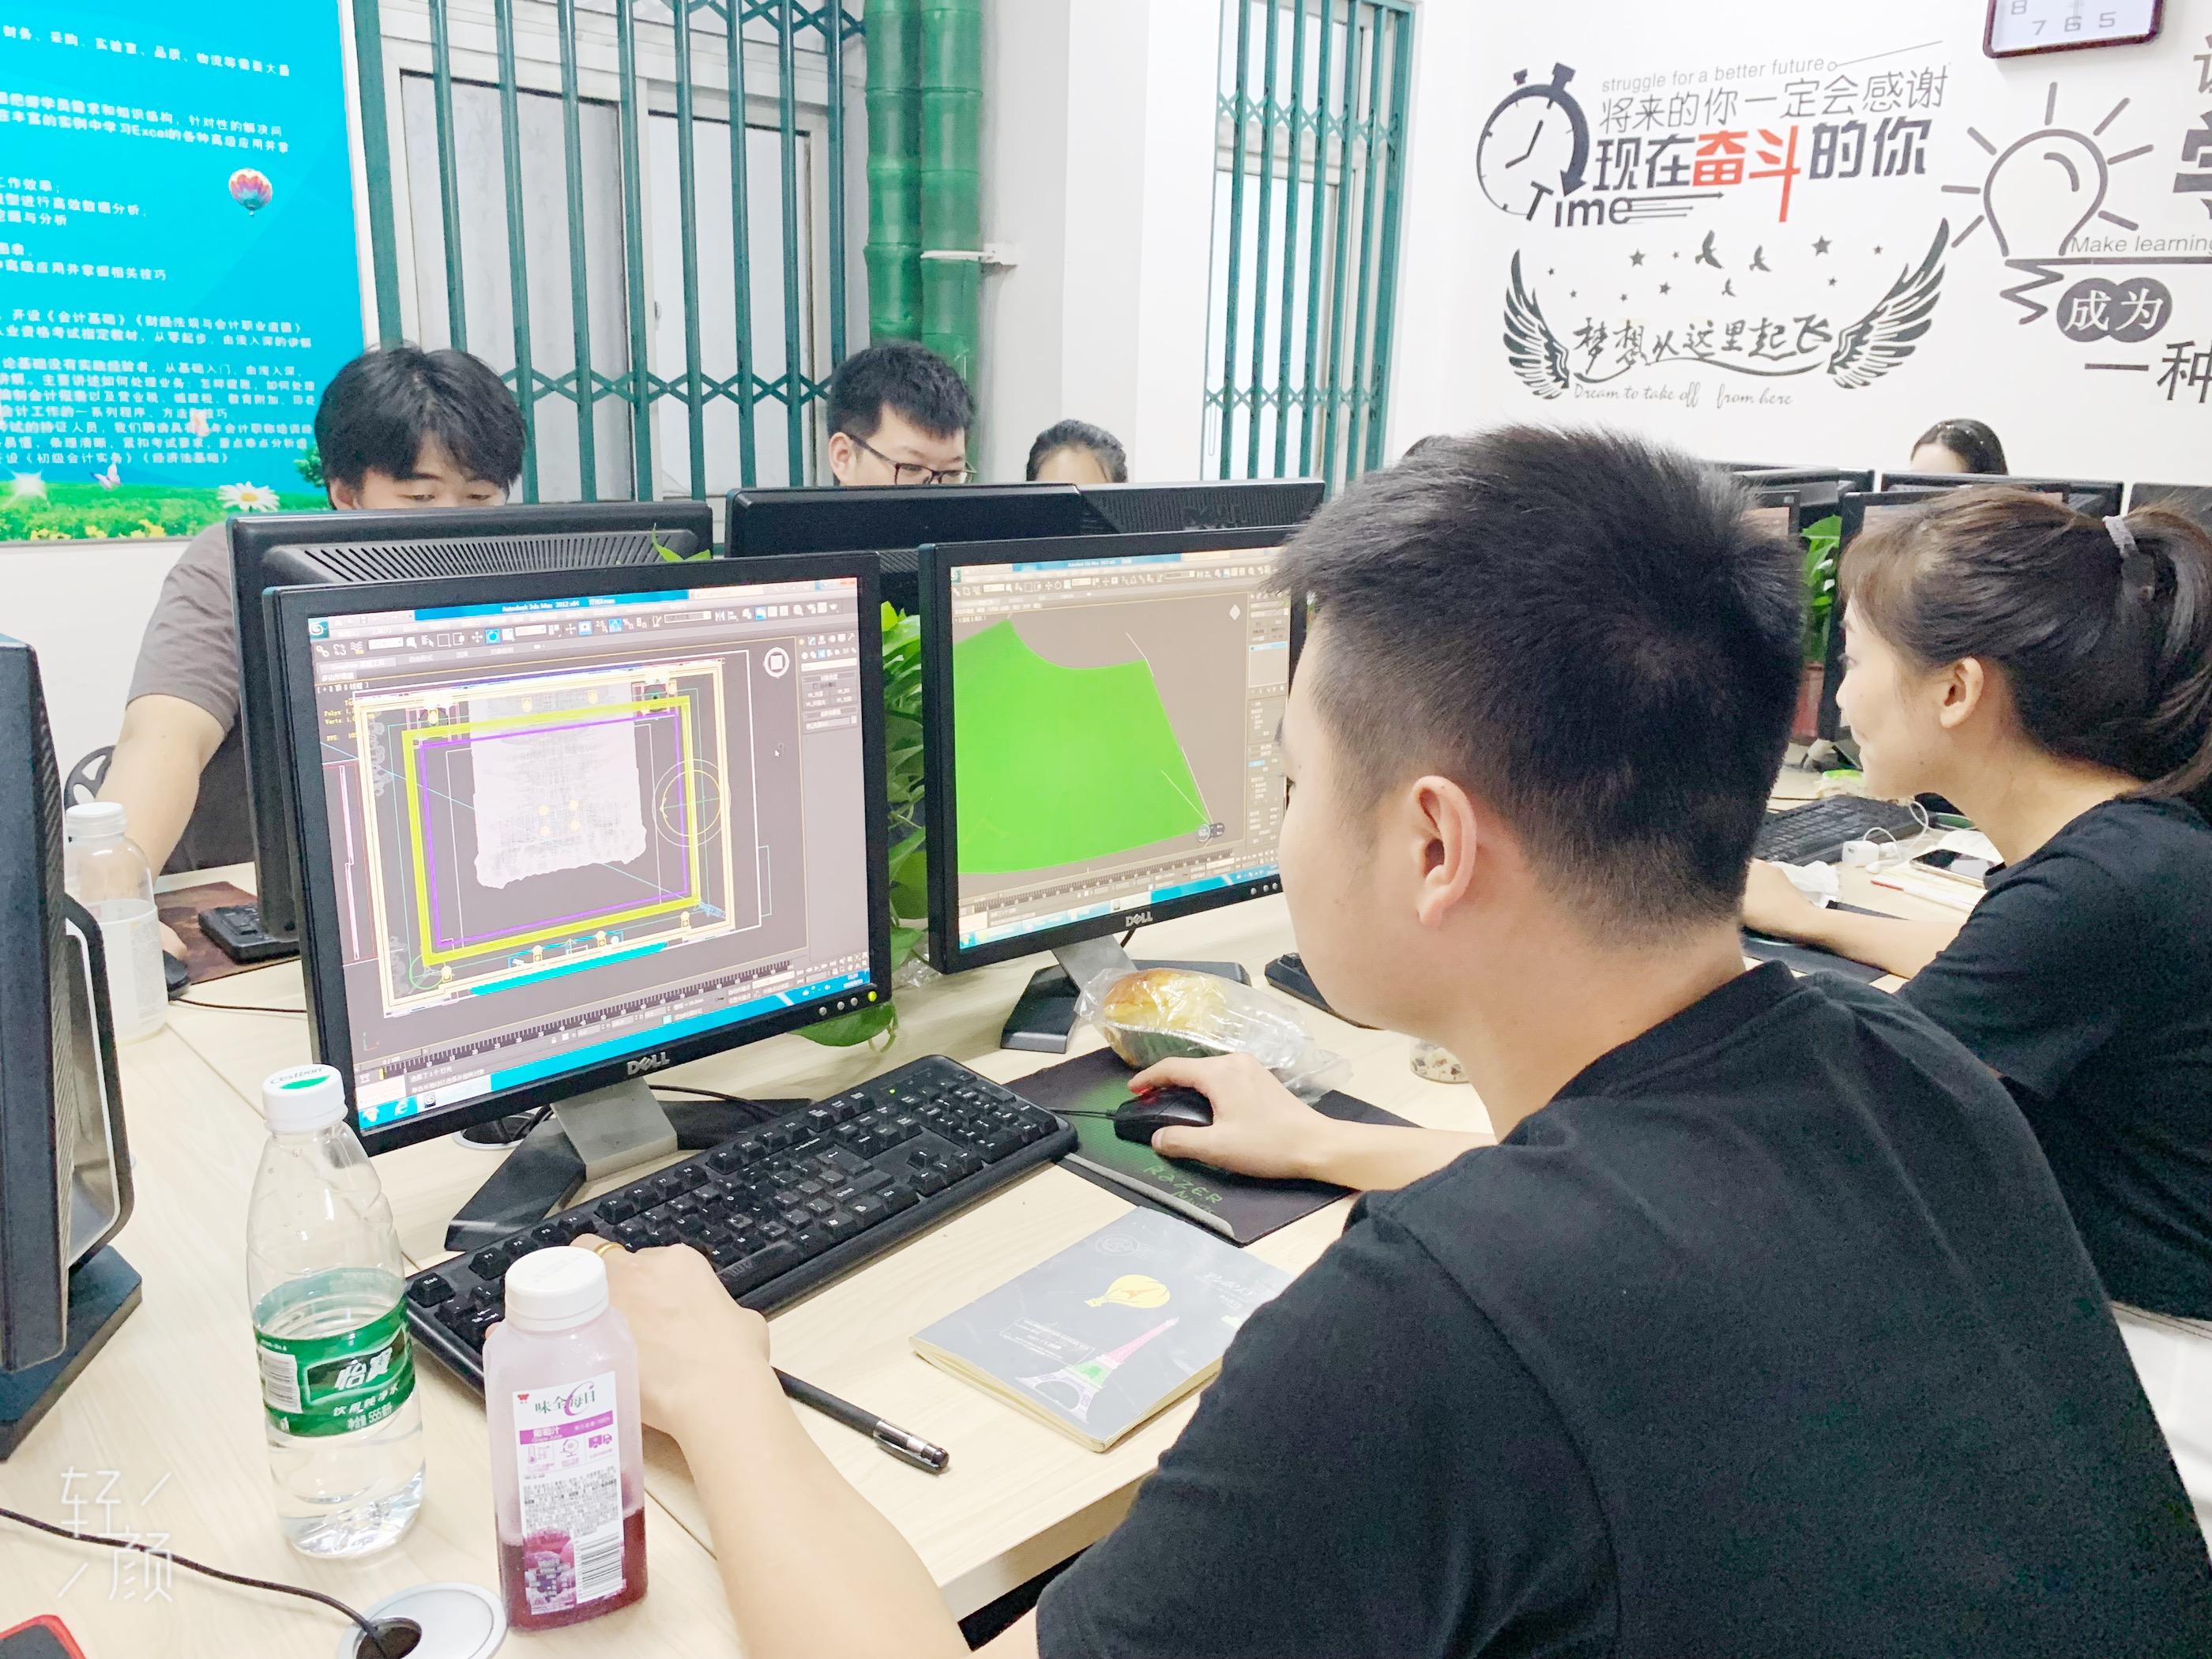 中育为-[CAD]合肥学cad哪里好合肥cad培训合肥室内装修设计培训